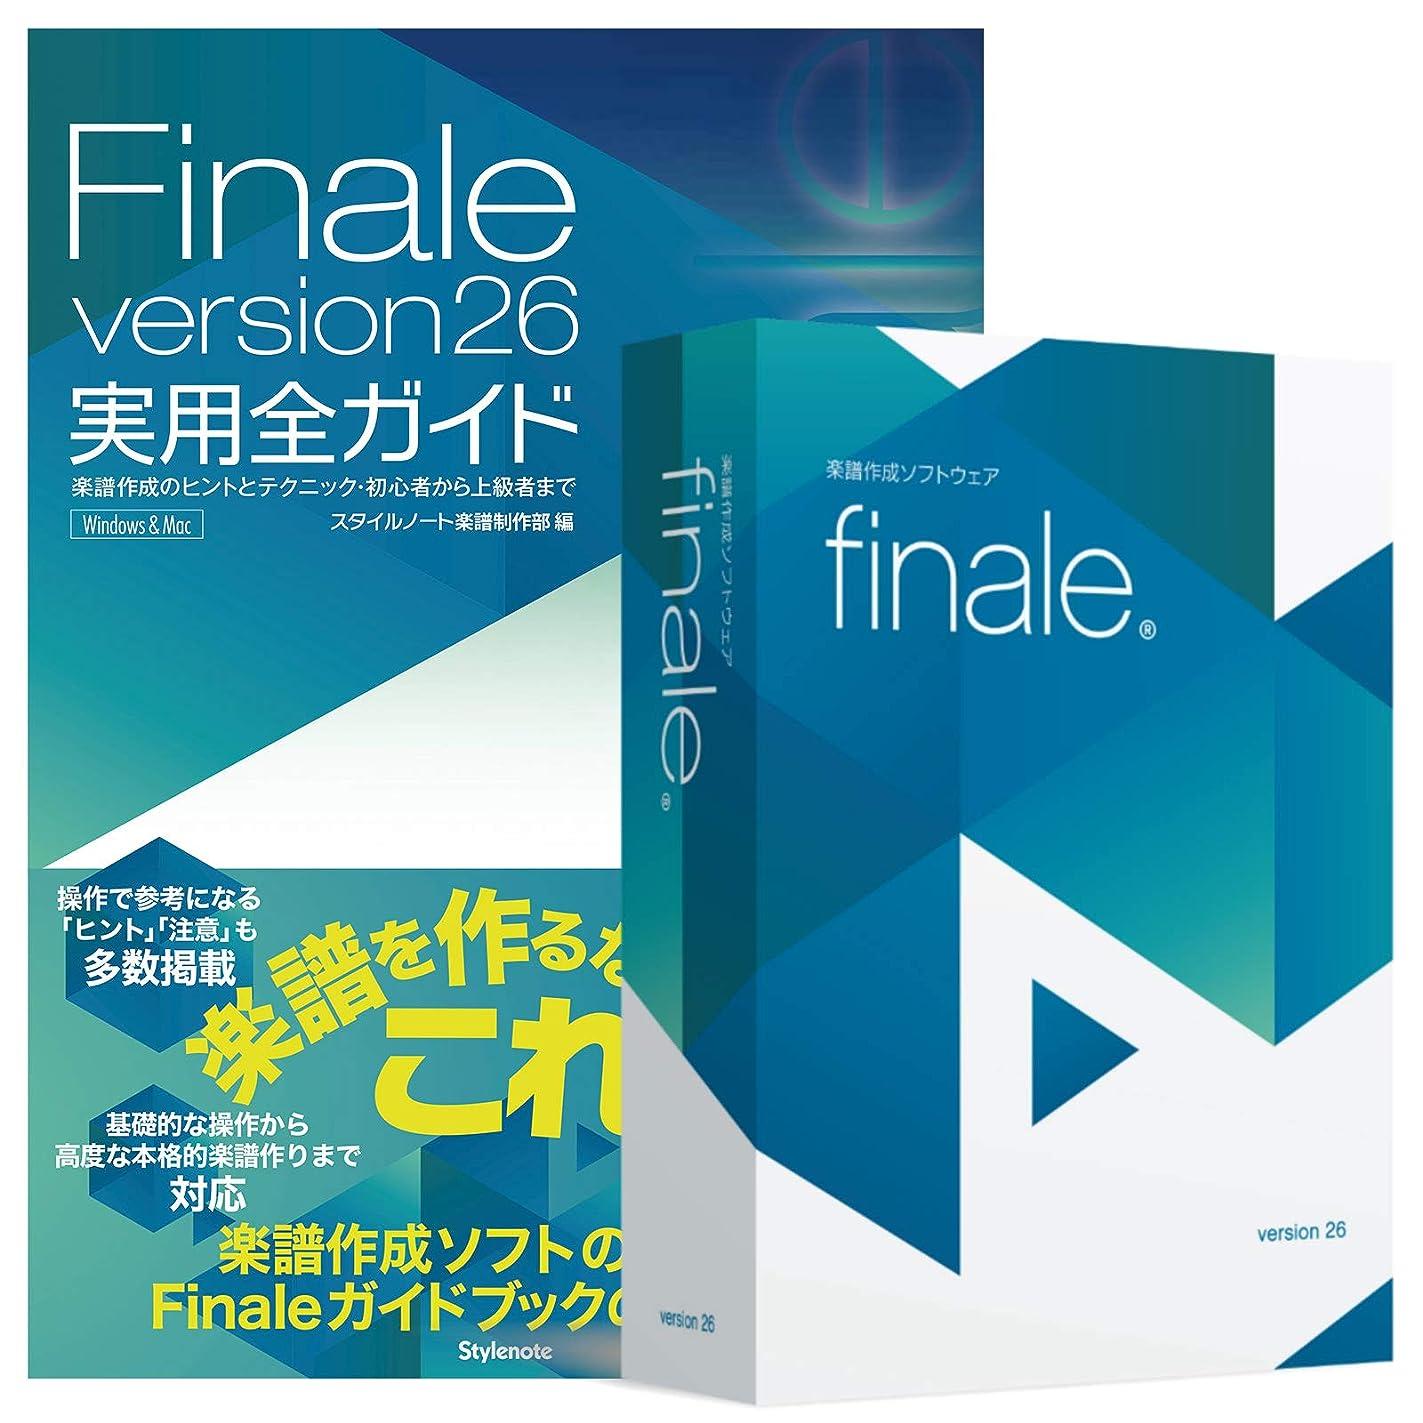 クローゼット一杯ブリークMakeMusic メイクミュージック 楽譜作成ソフト フィナーレ Finale 26 ガイドブック付